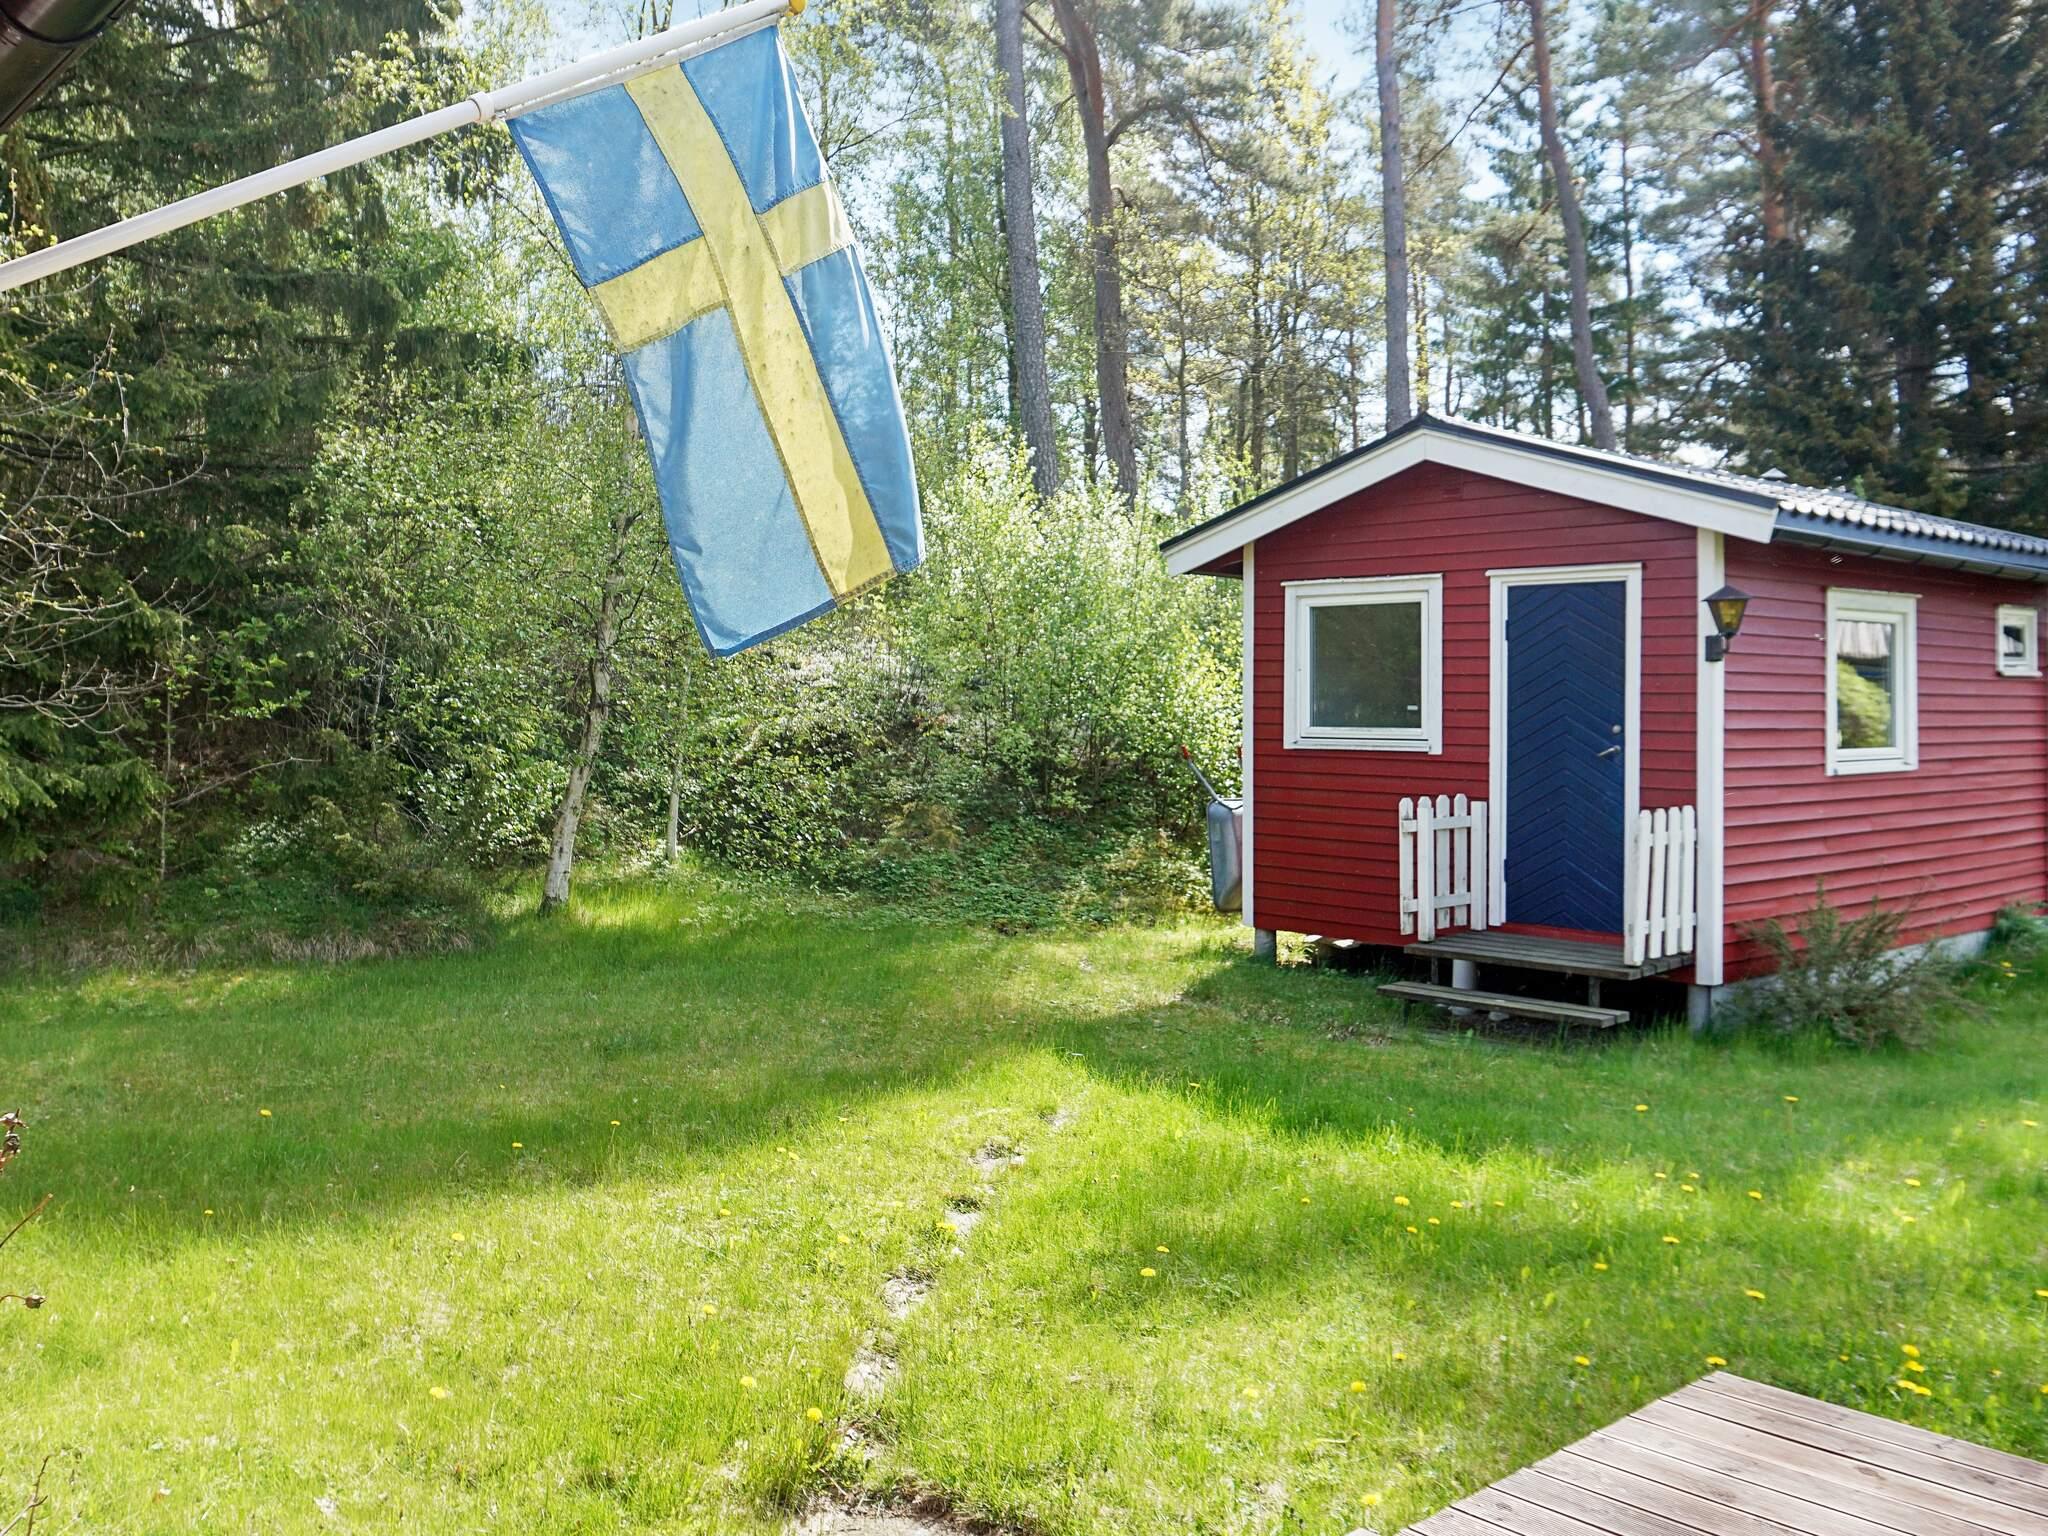 Ferienhaus Barkedal (2627959), Brastad, Västra Götaland län, Westschweden, Schweden, Bild 14